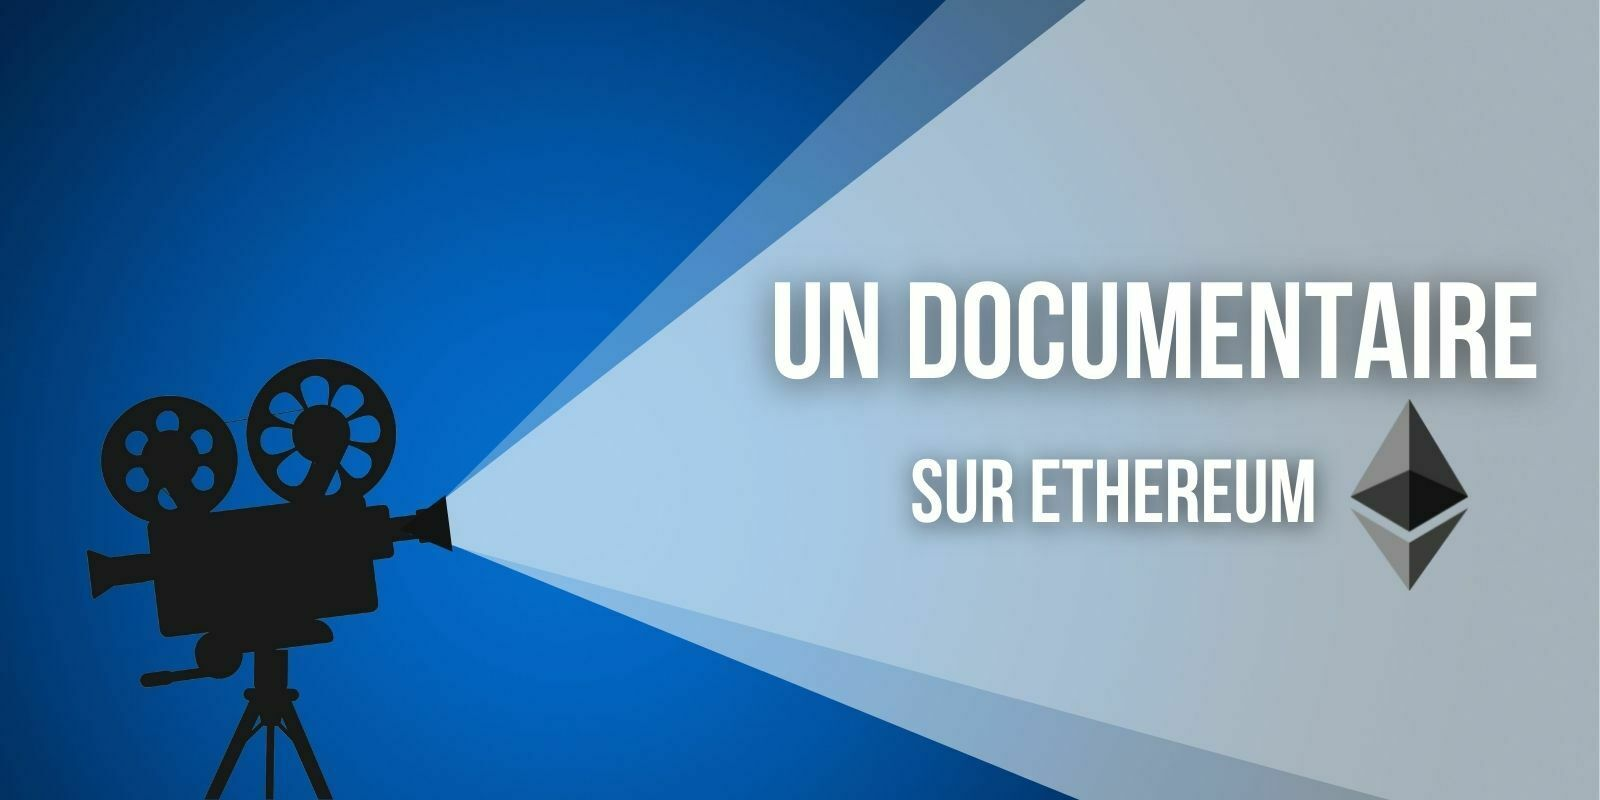 Le documentaire sur l'histoire d'Ethereum récolte 1,9 million de dollars en trois jours